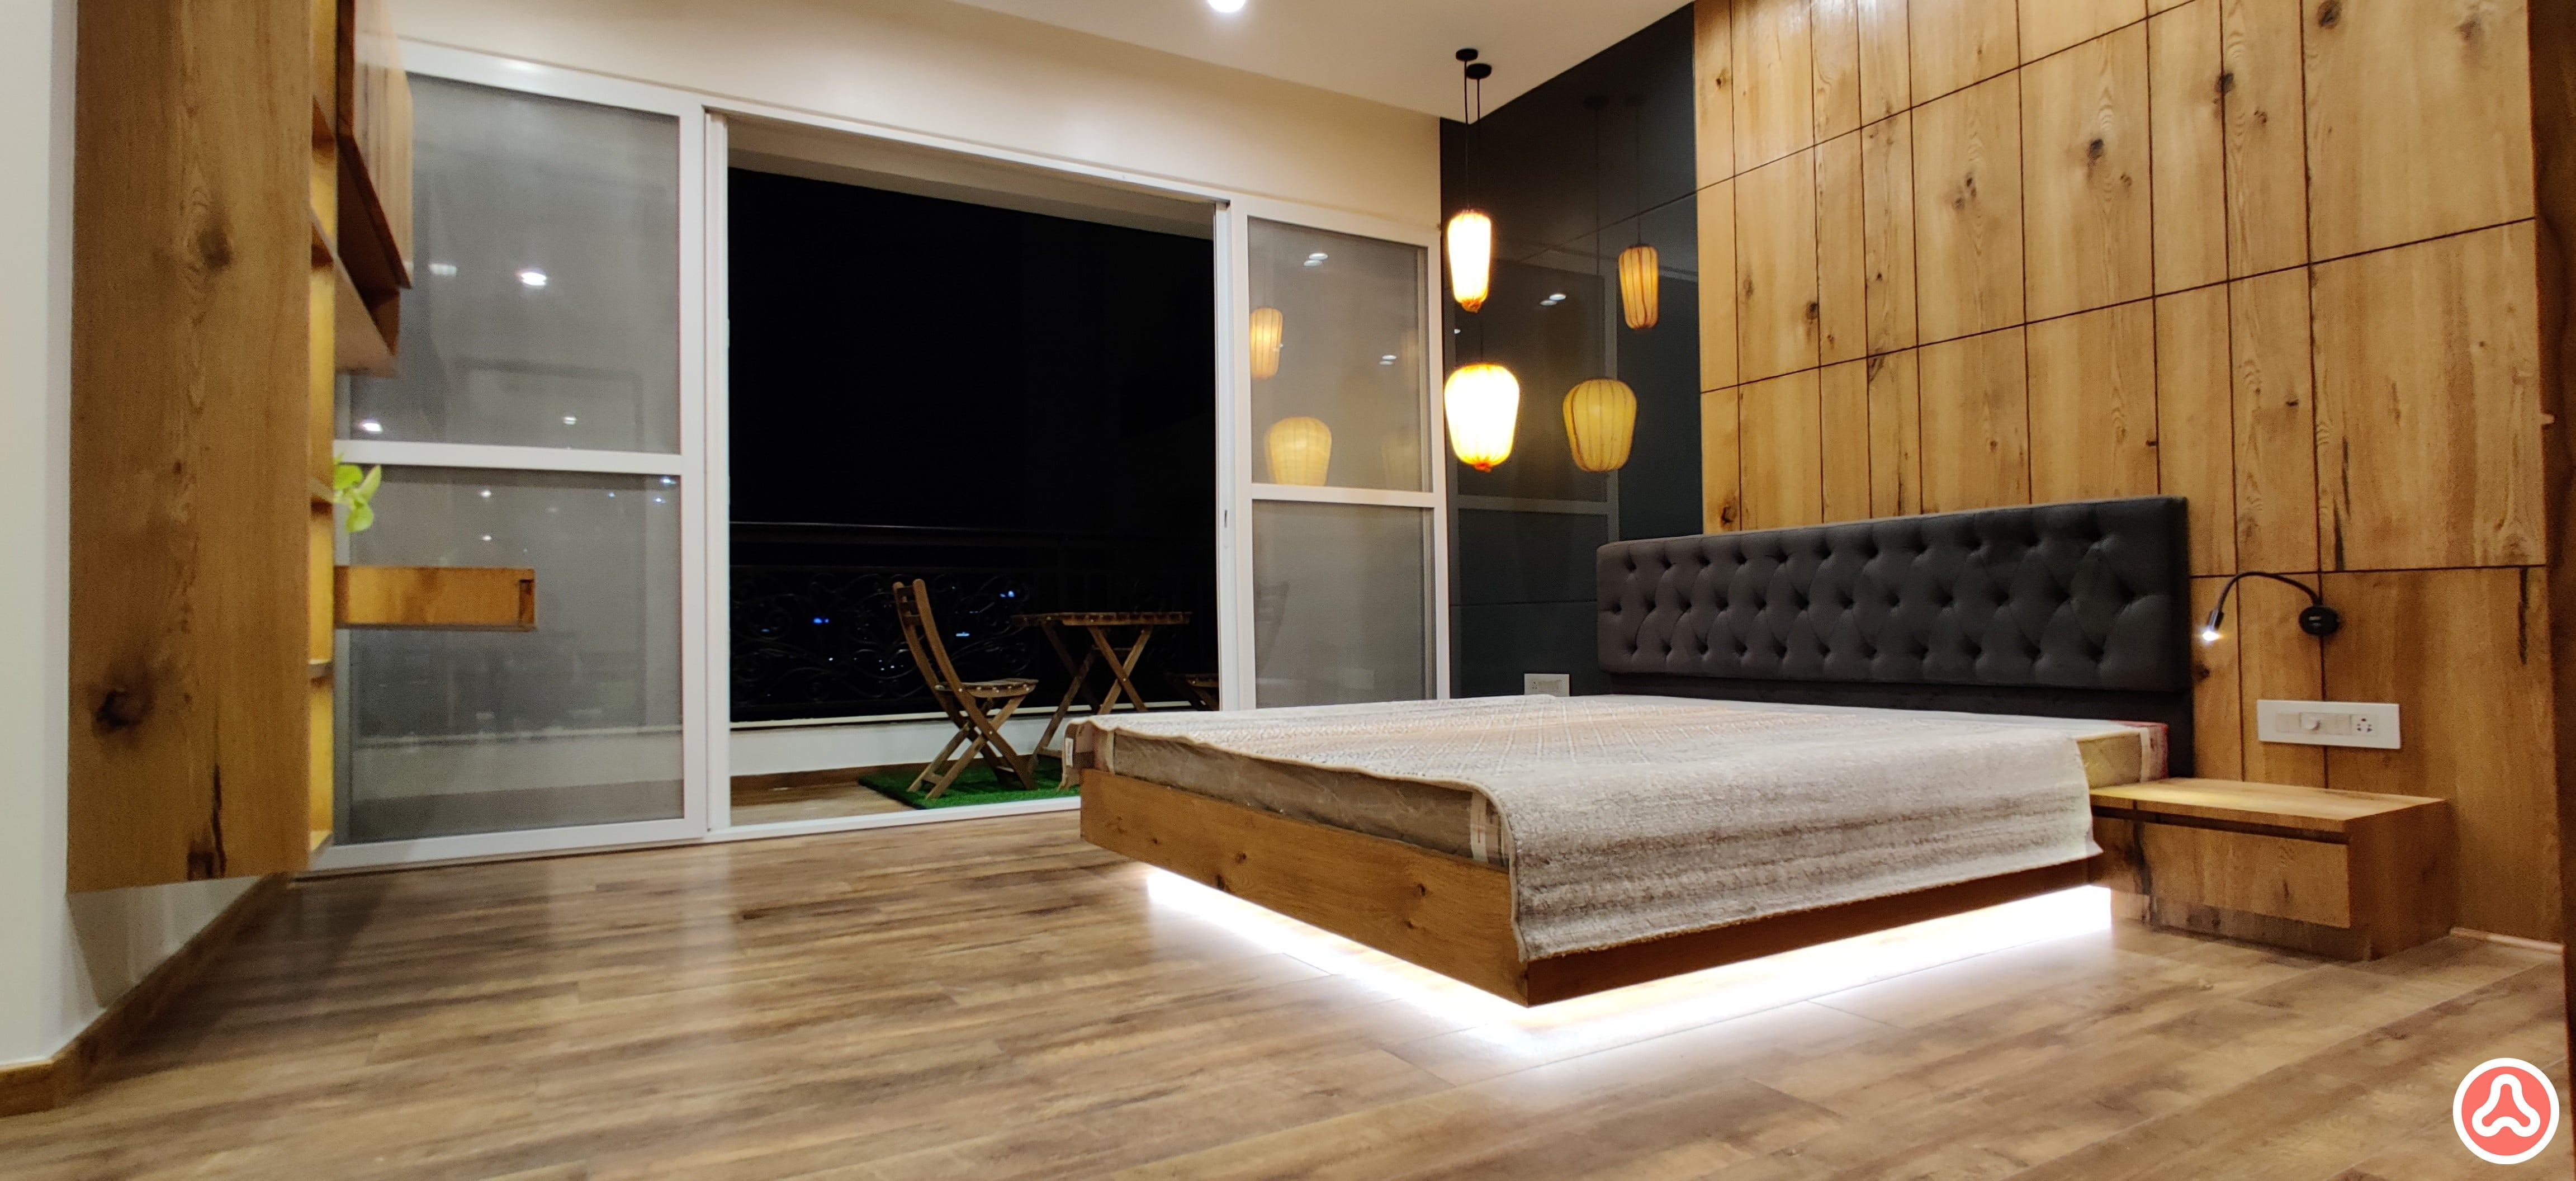 master bedroom design in veneer and droplights in the corner